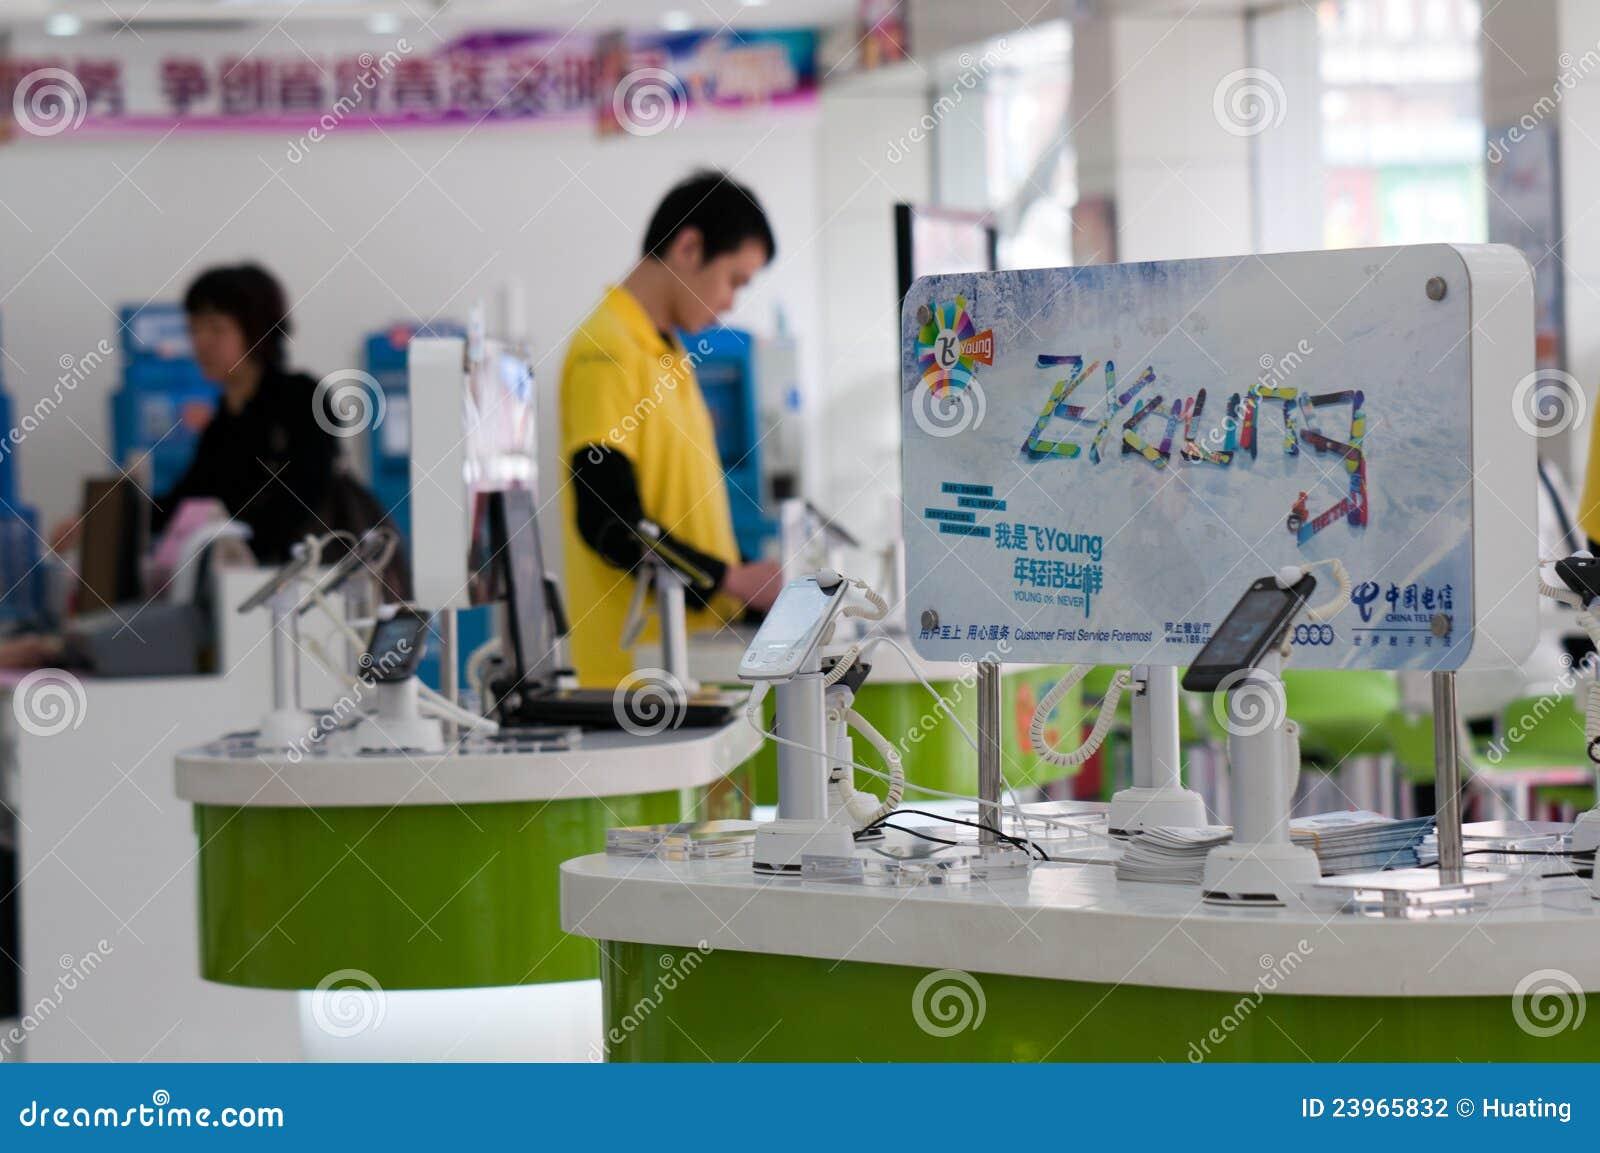 China telecomm